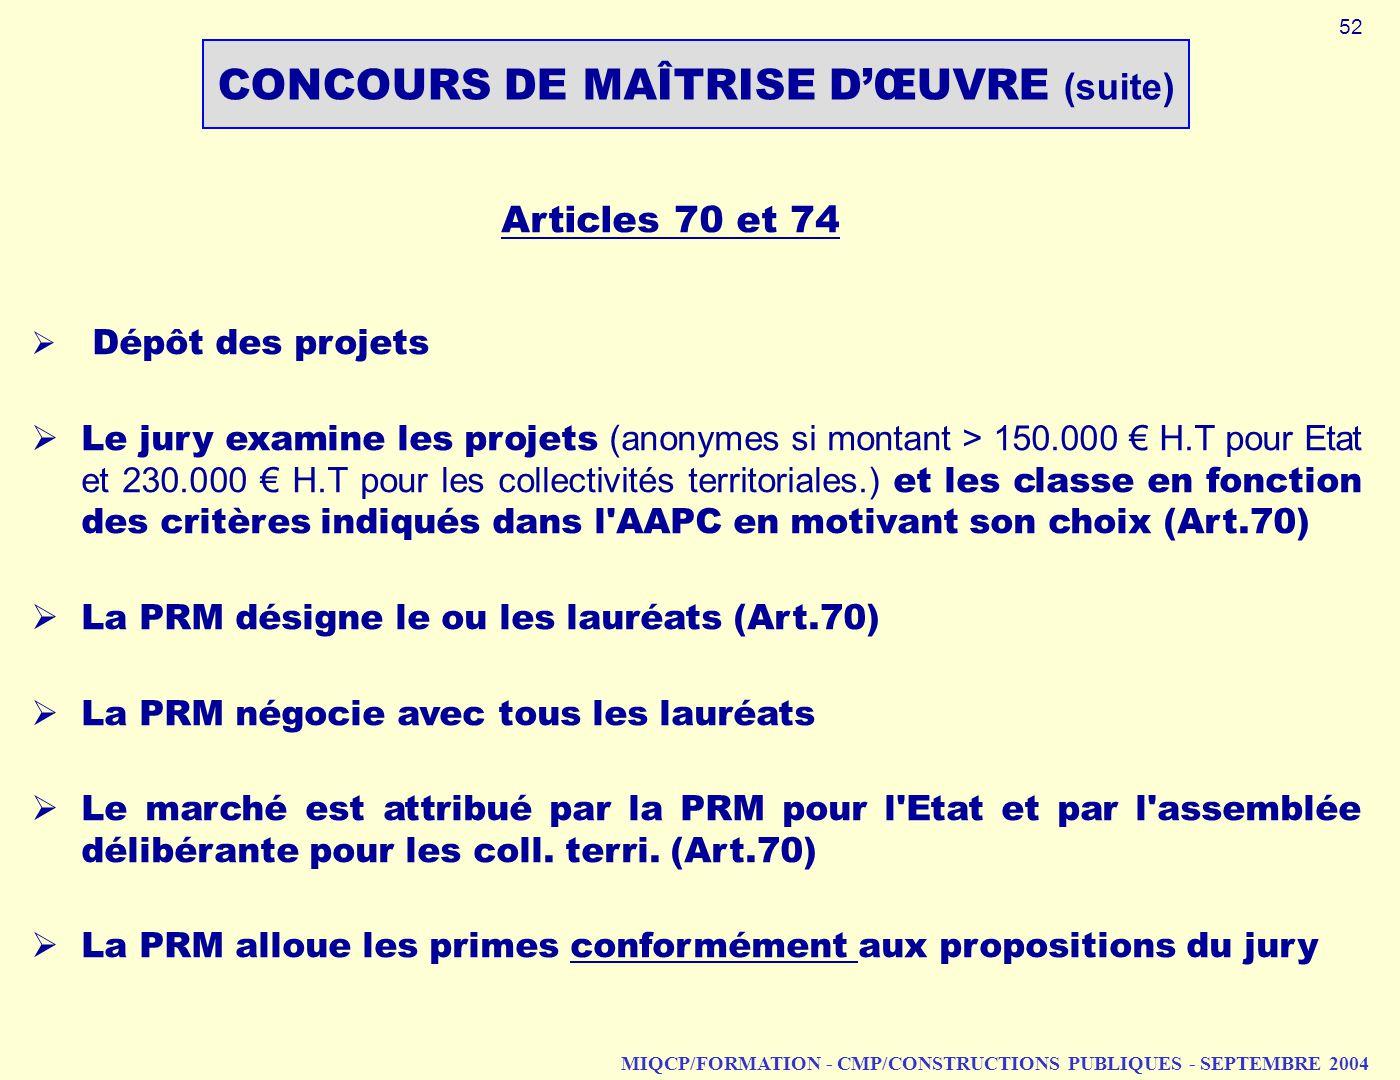 MIQCP/FORMATION - CMP/CONSTRUCTIONS PUBLIQUES - SEPTEMBRE 2004 Articles 70 et 74 Dépôt des projets Le jury examine les projets (anonymes si montant >